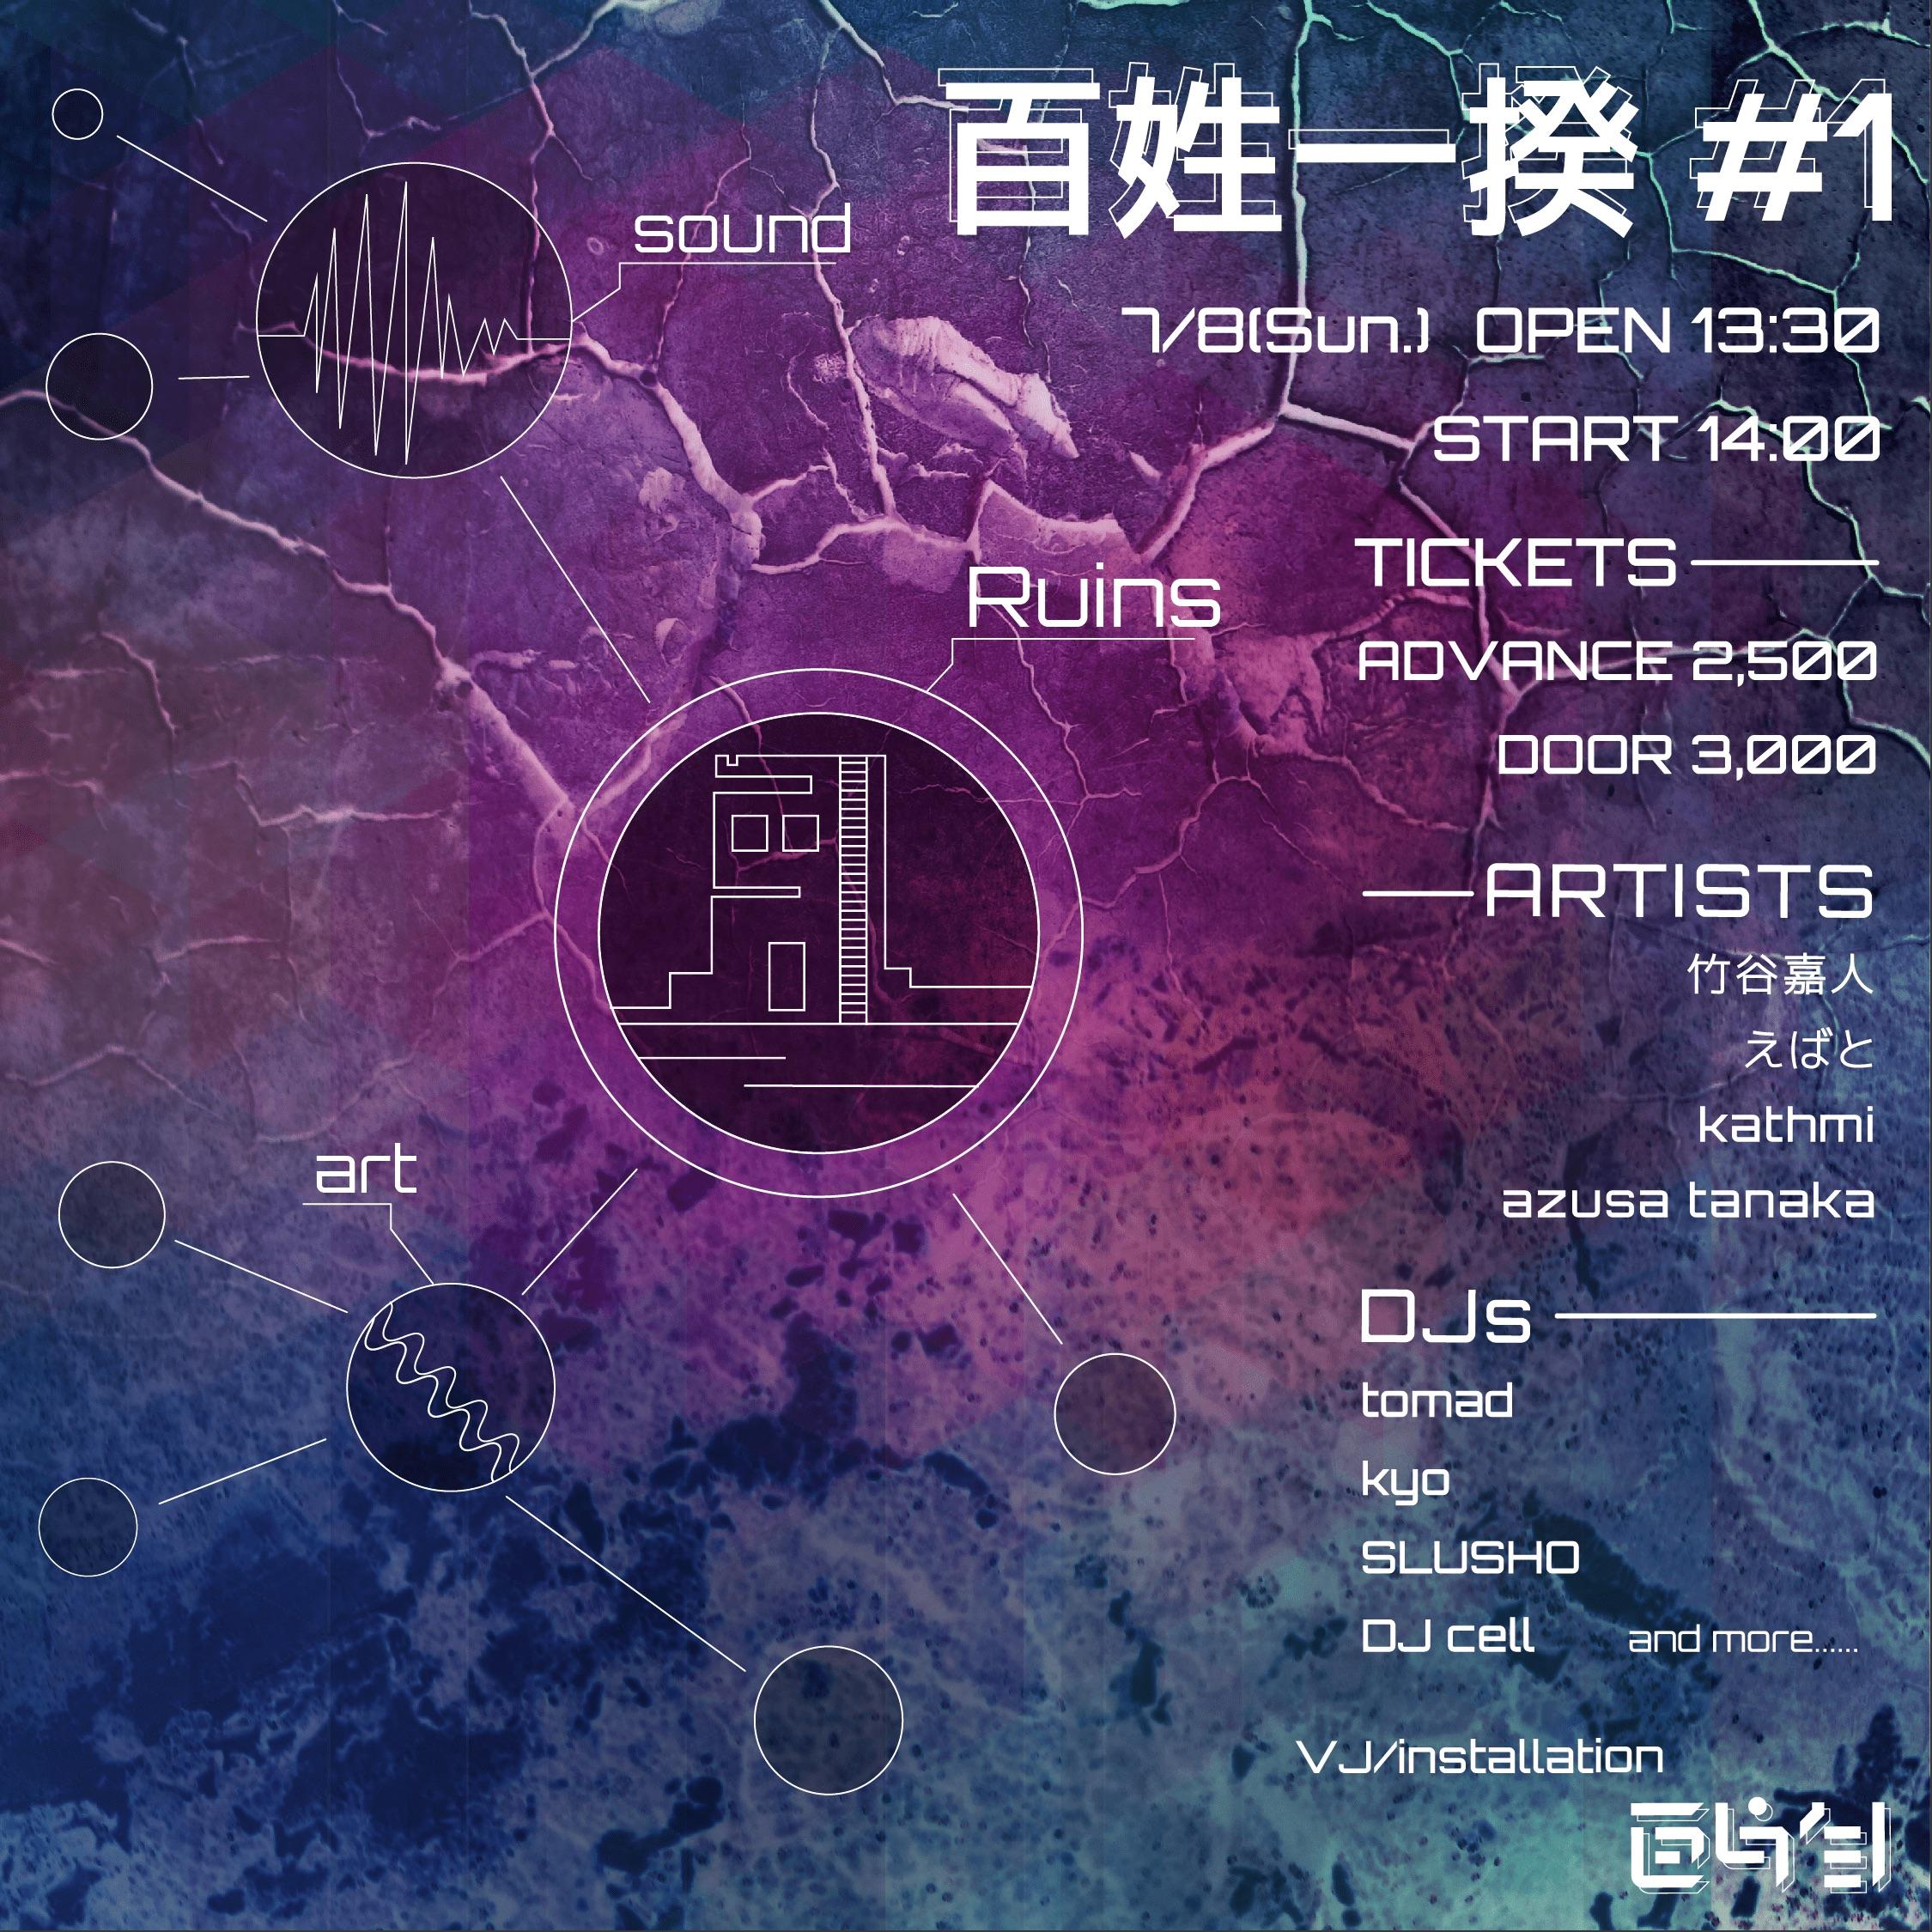 江川 主民さん、山﨑 健太郎さん、廃ビルにてイベント開催!